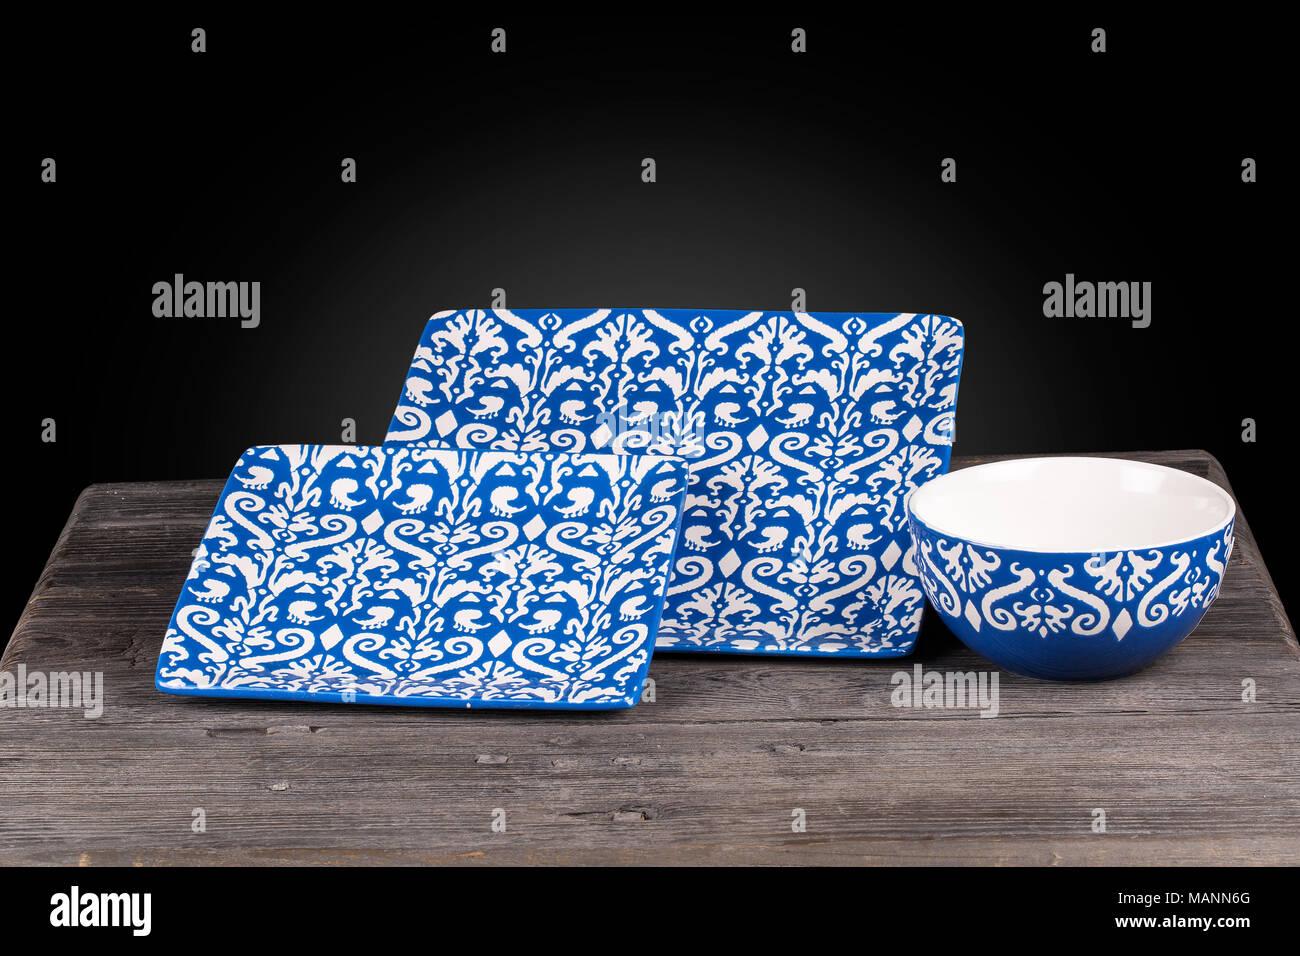 in der nhe der traditionellen floralen muster rechteck teller und schssel geschirr in wei und trkis blauen farbe auf einem holztisch isoliert auf - Geschirr Muster